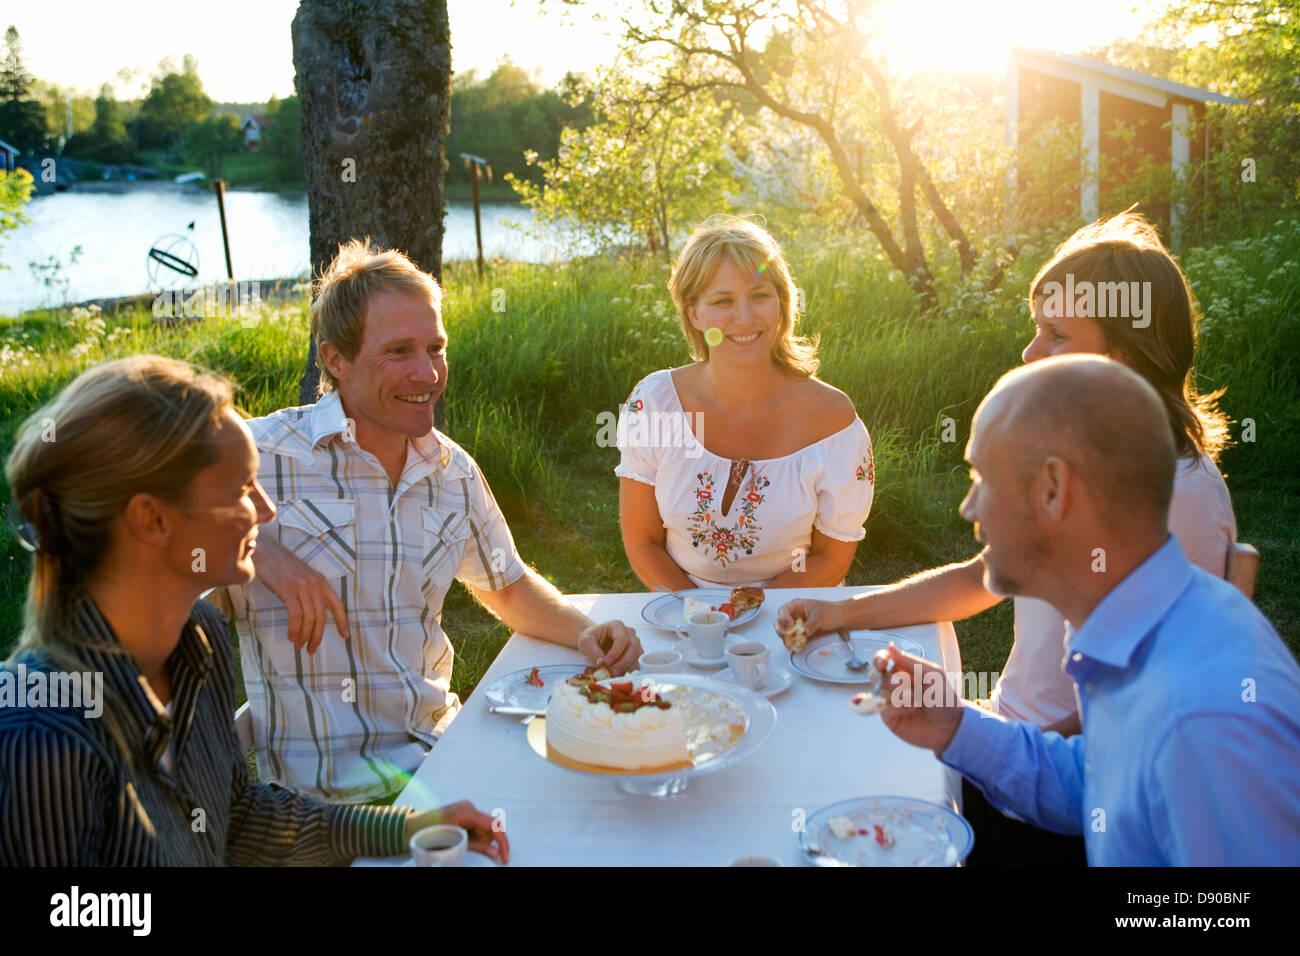 Fünf Freunde, die einen Kuchen, Fejan, Stockholmer Schären, Schweden. Stockfoto